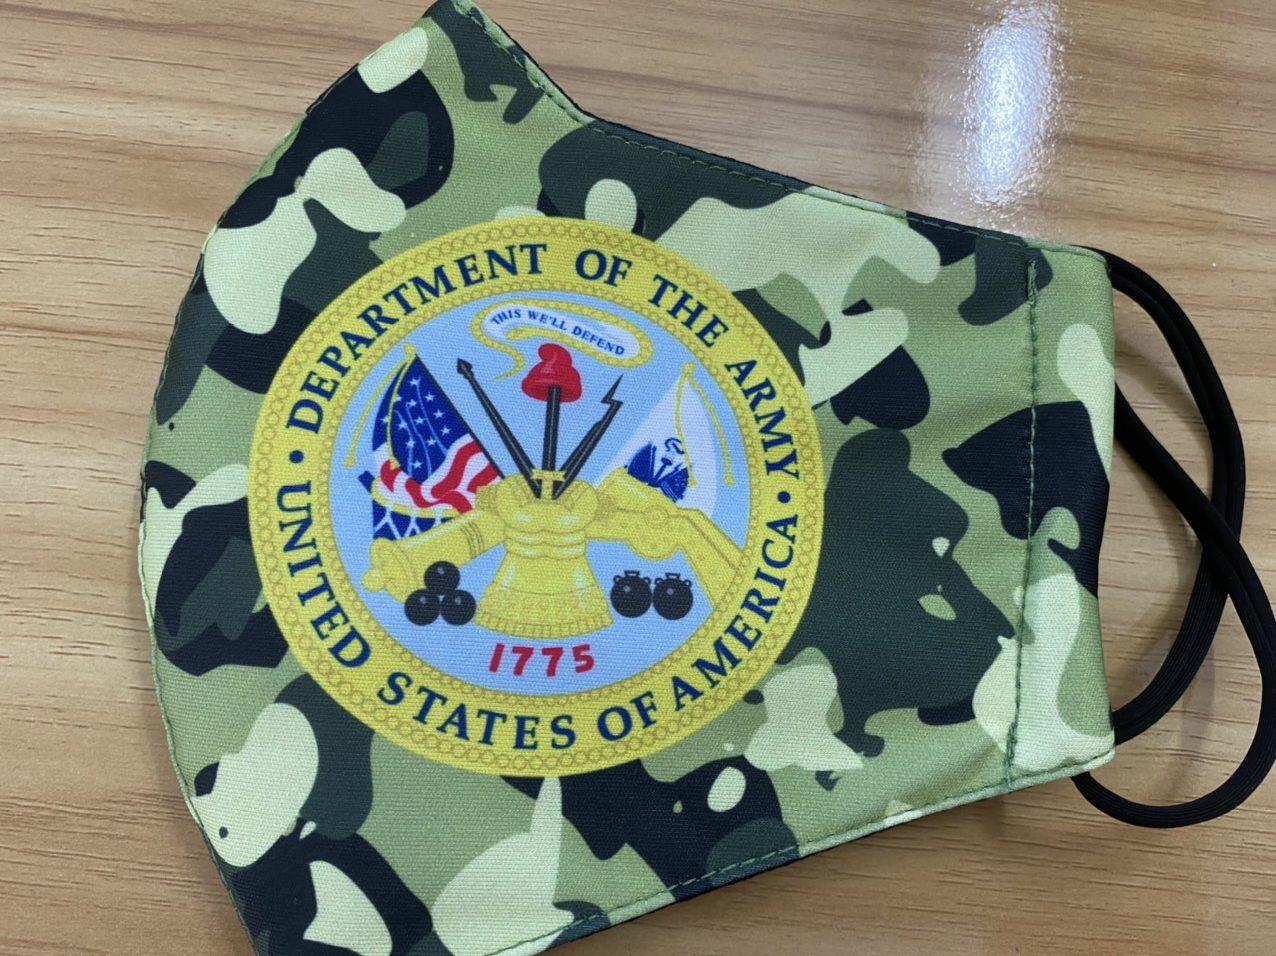 Khẩu Trang Vải In Logo Quân Đội Mỹ 2 Lớp - Mẫu Khẩu Trang In 3D Logo Quân Đội Mỹ Nền Camo 6